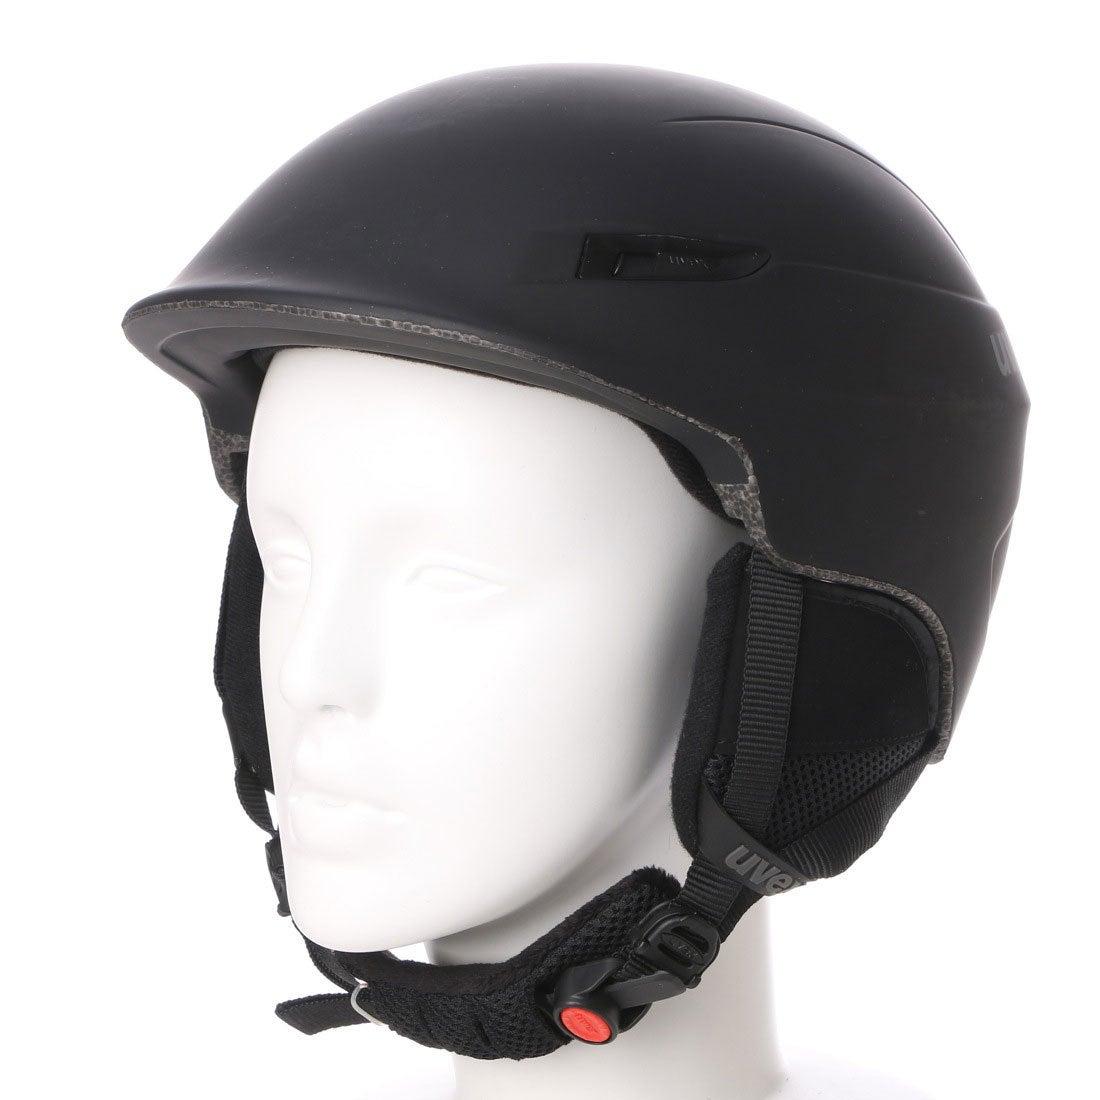 【SALE 27%OFF】ウベックス UVEX ユニセックス スキー/スノーボード ヘルメット GAMMA 5661892007 103